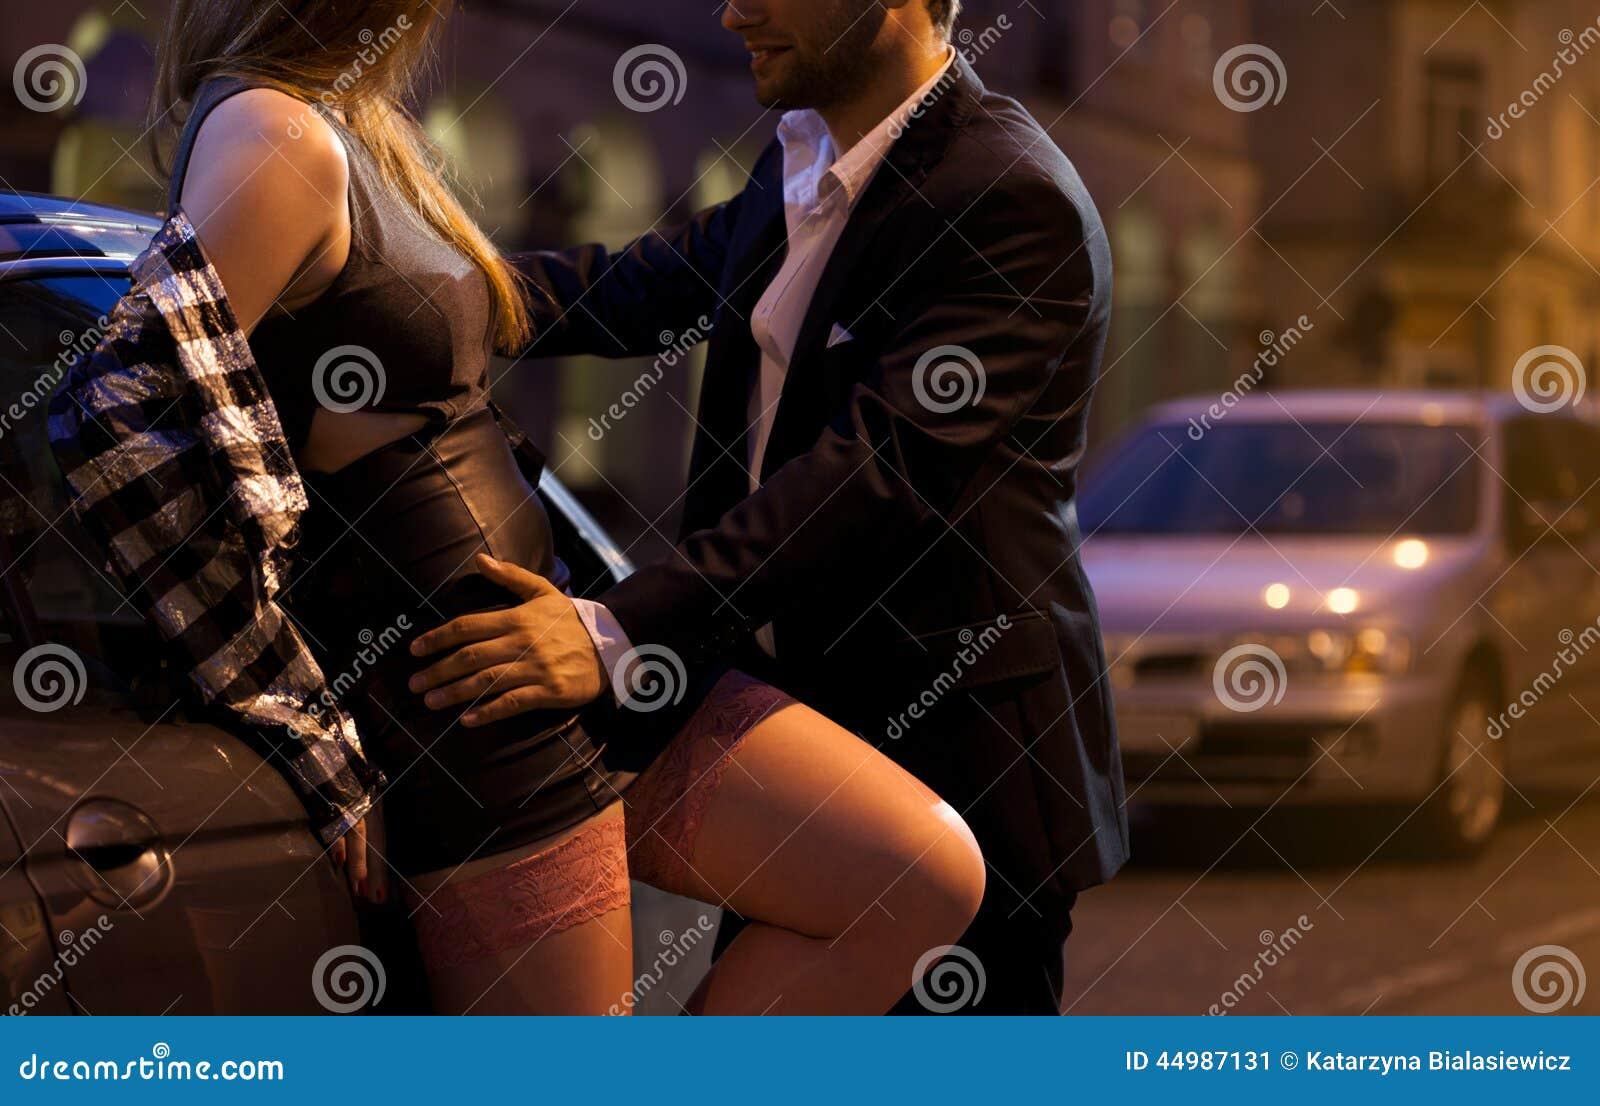 Horisontal kvinne flirt